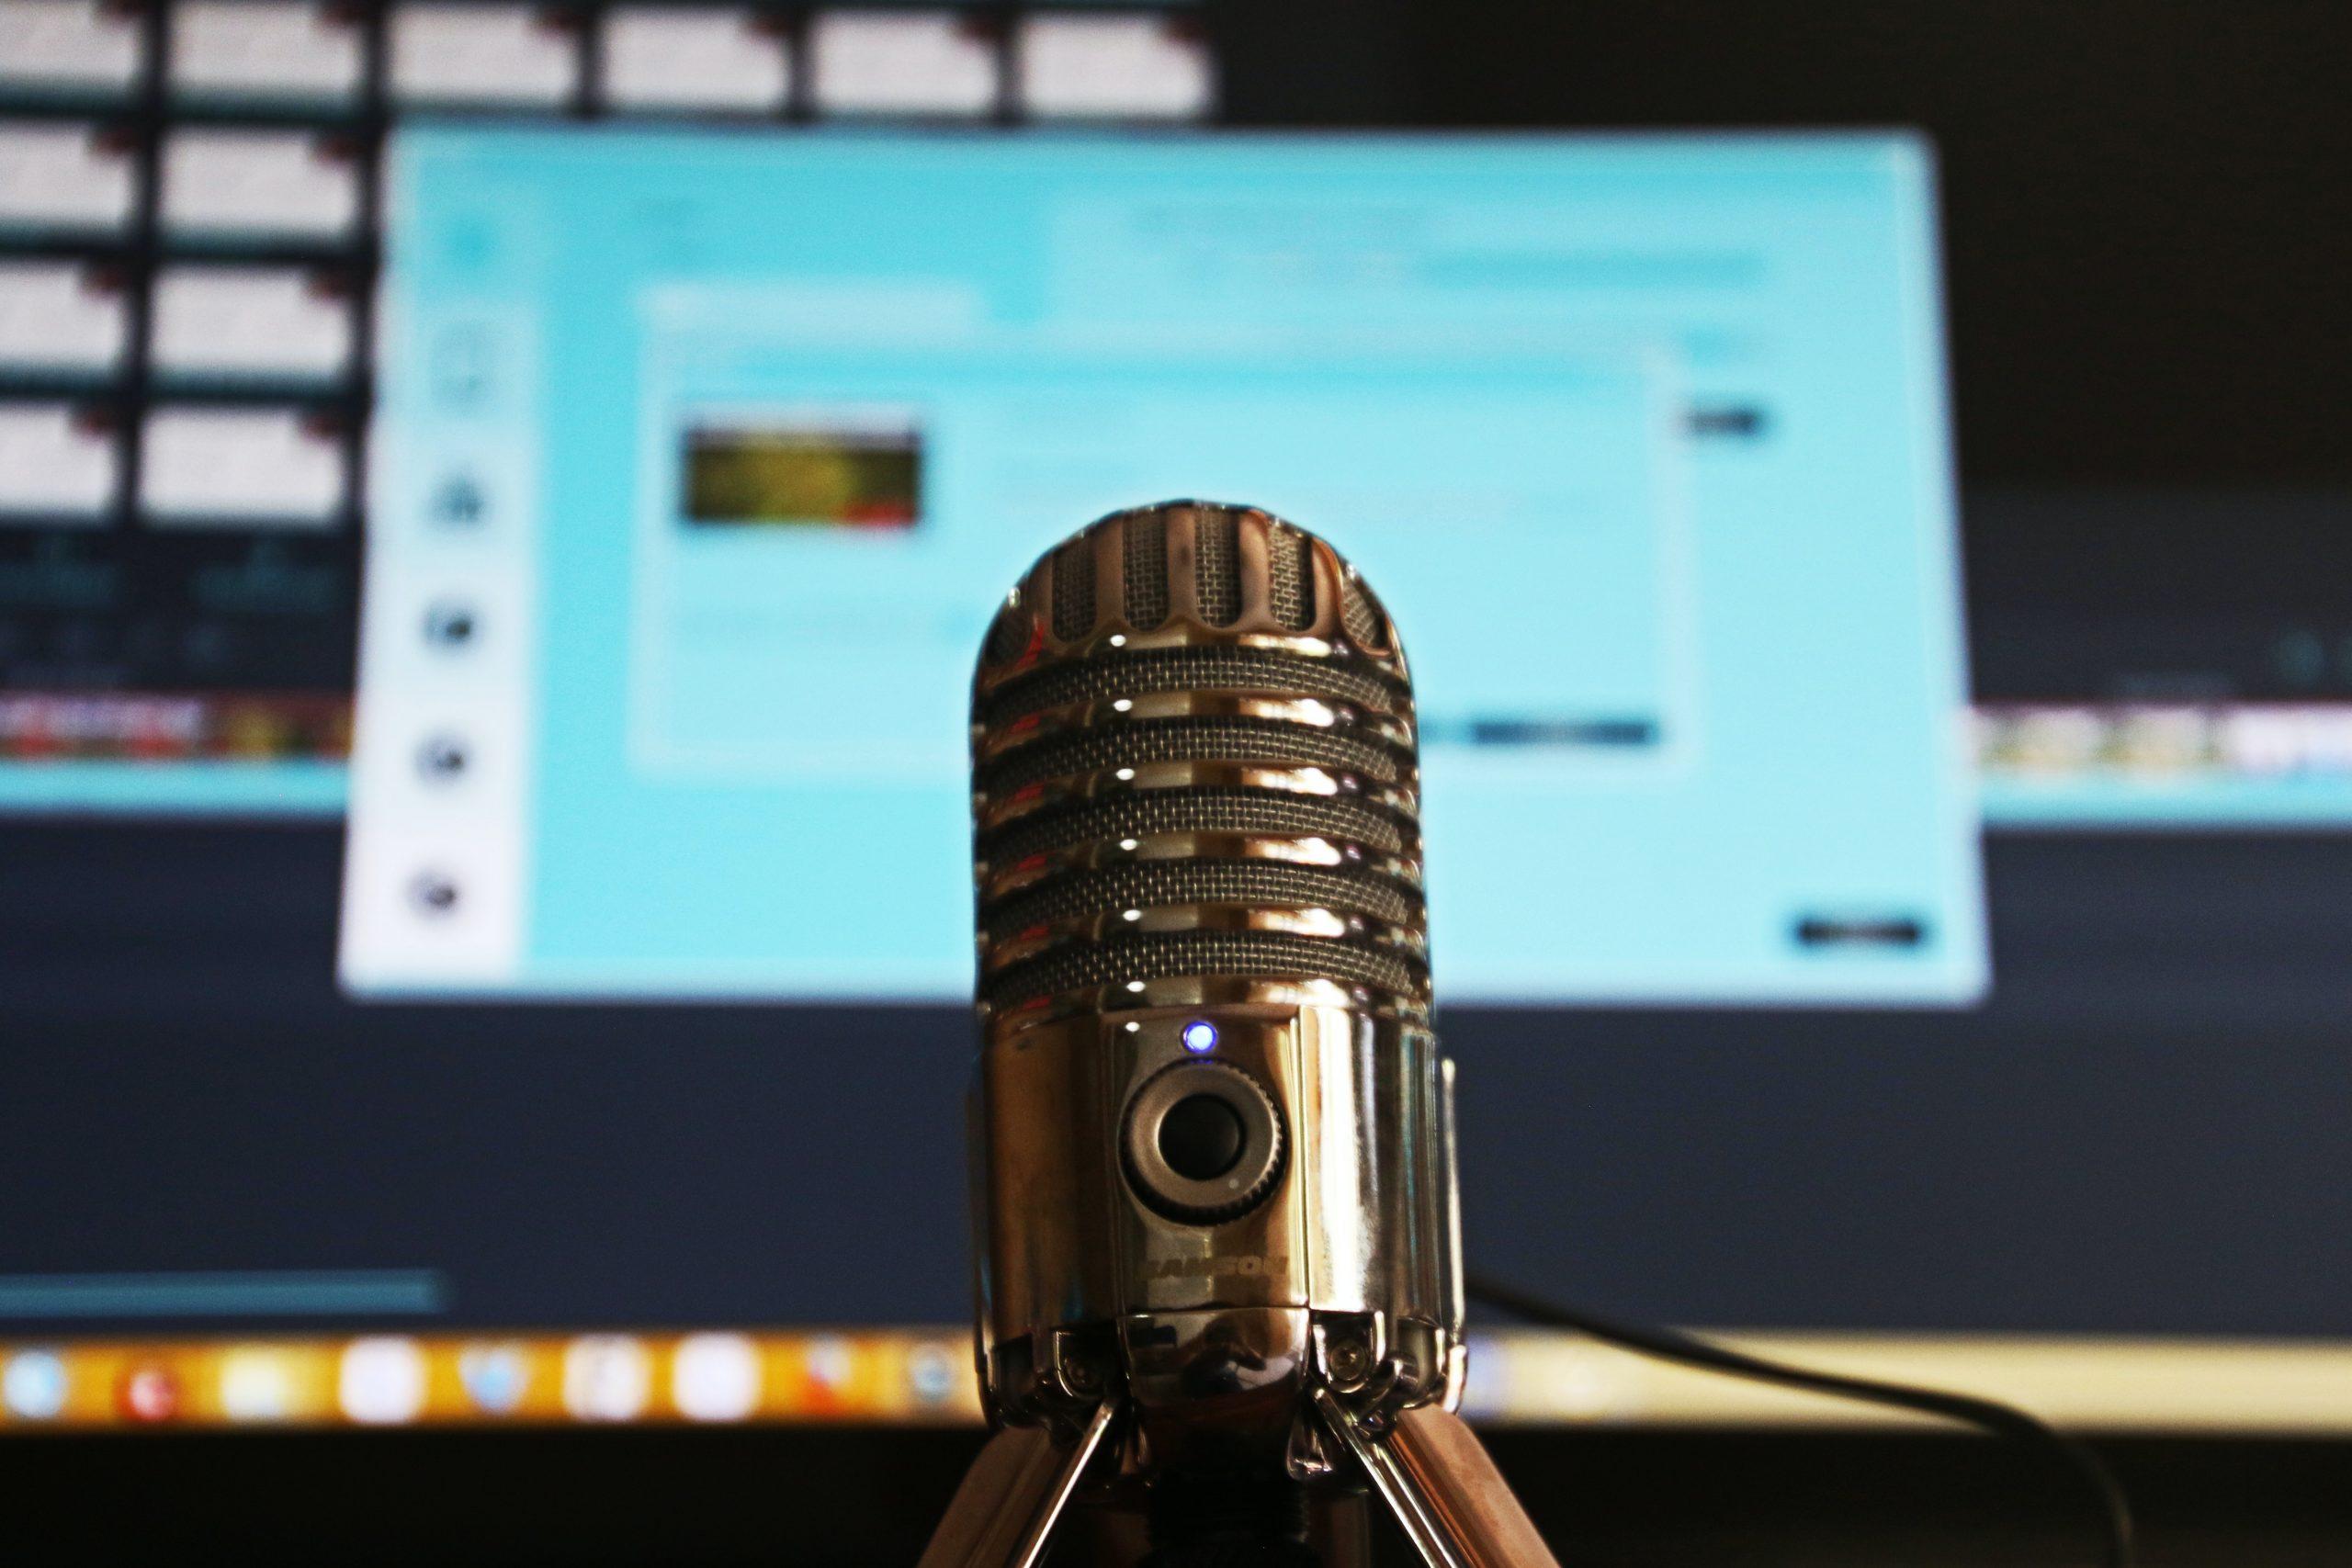 Imagem mostra um microfone em frente a um computador.